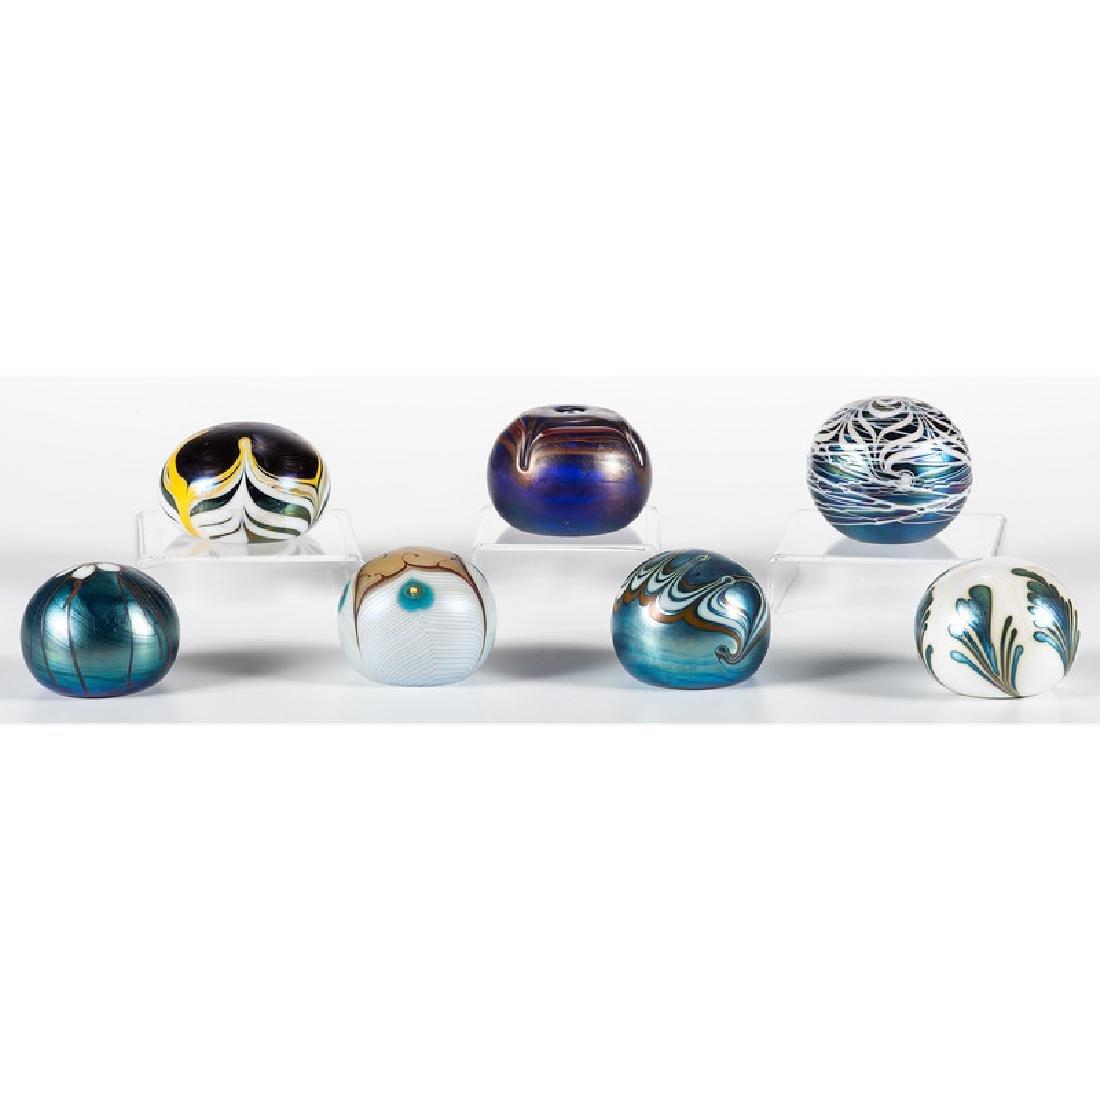 Iridescent Art Glass Paperweights - 2